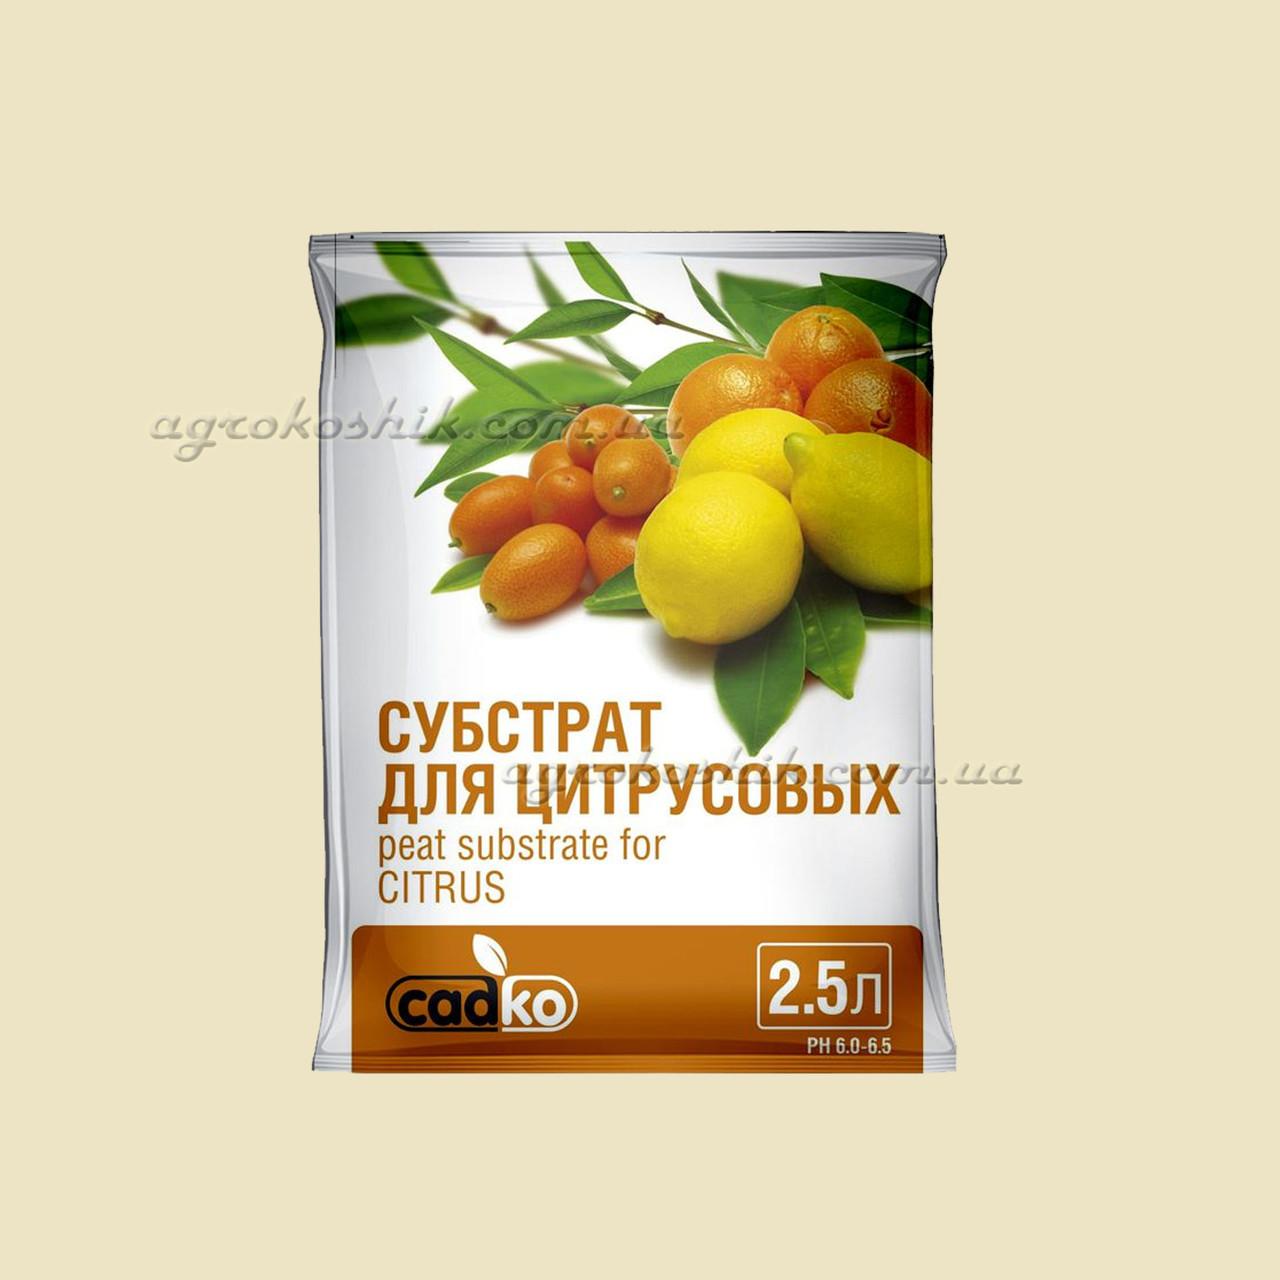 Садко Субстрат для цитрусовых 2,5л